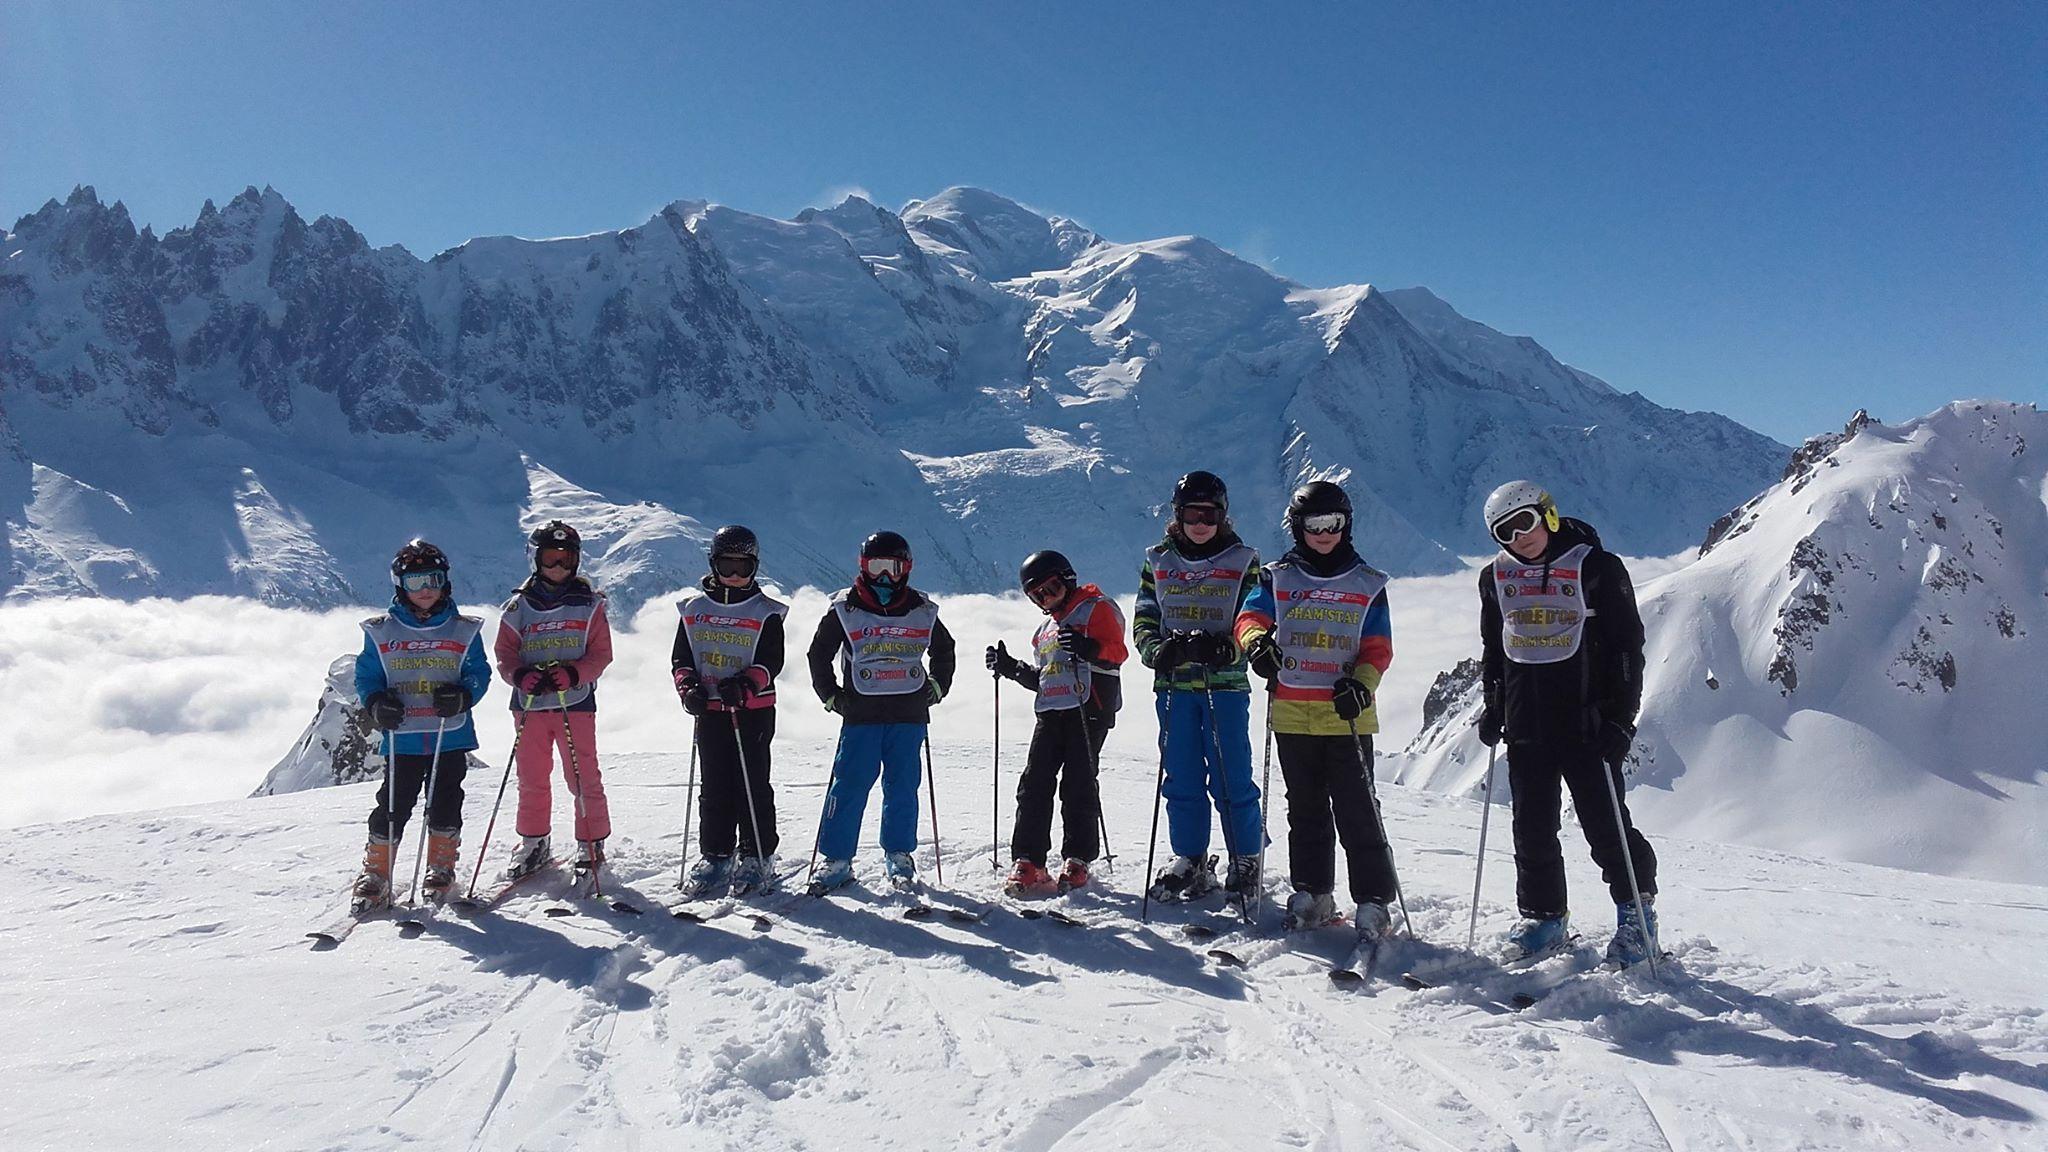 Cours de ski Enfants (8-12 ans) à Chamonix/Brévent -Vacances